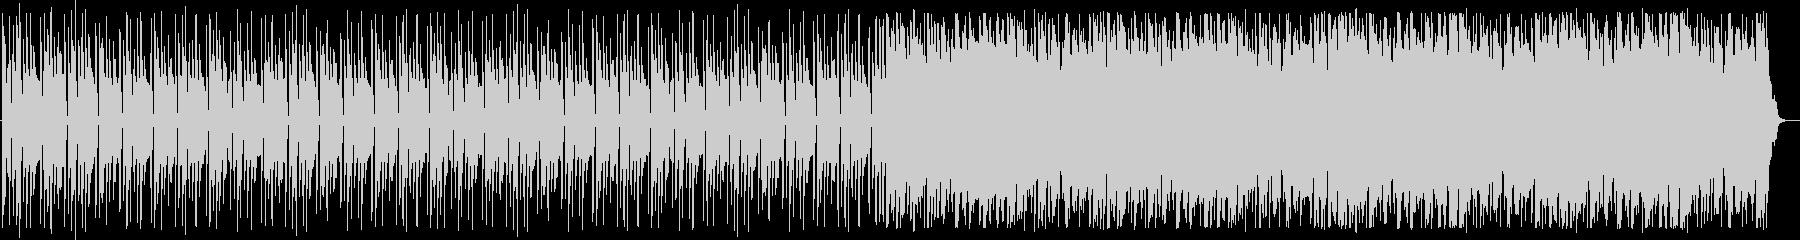 軽快な4つ打ちハウス_No583_3の未再生の波形